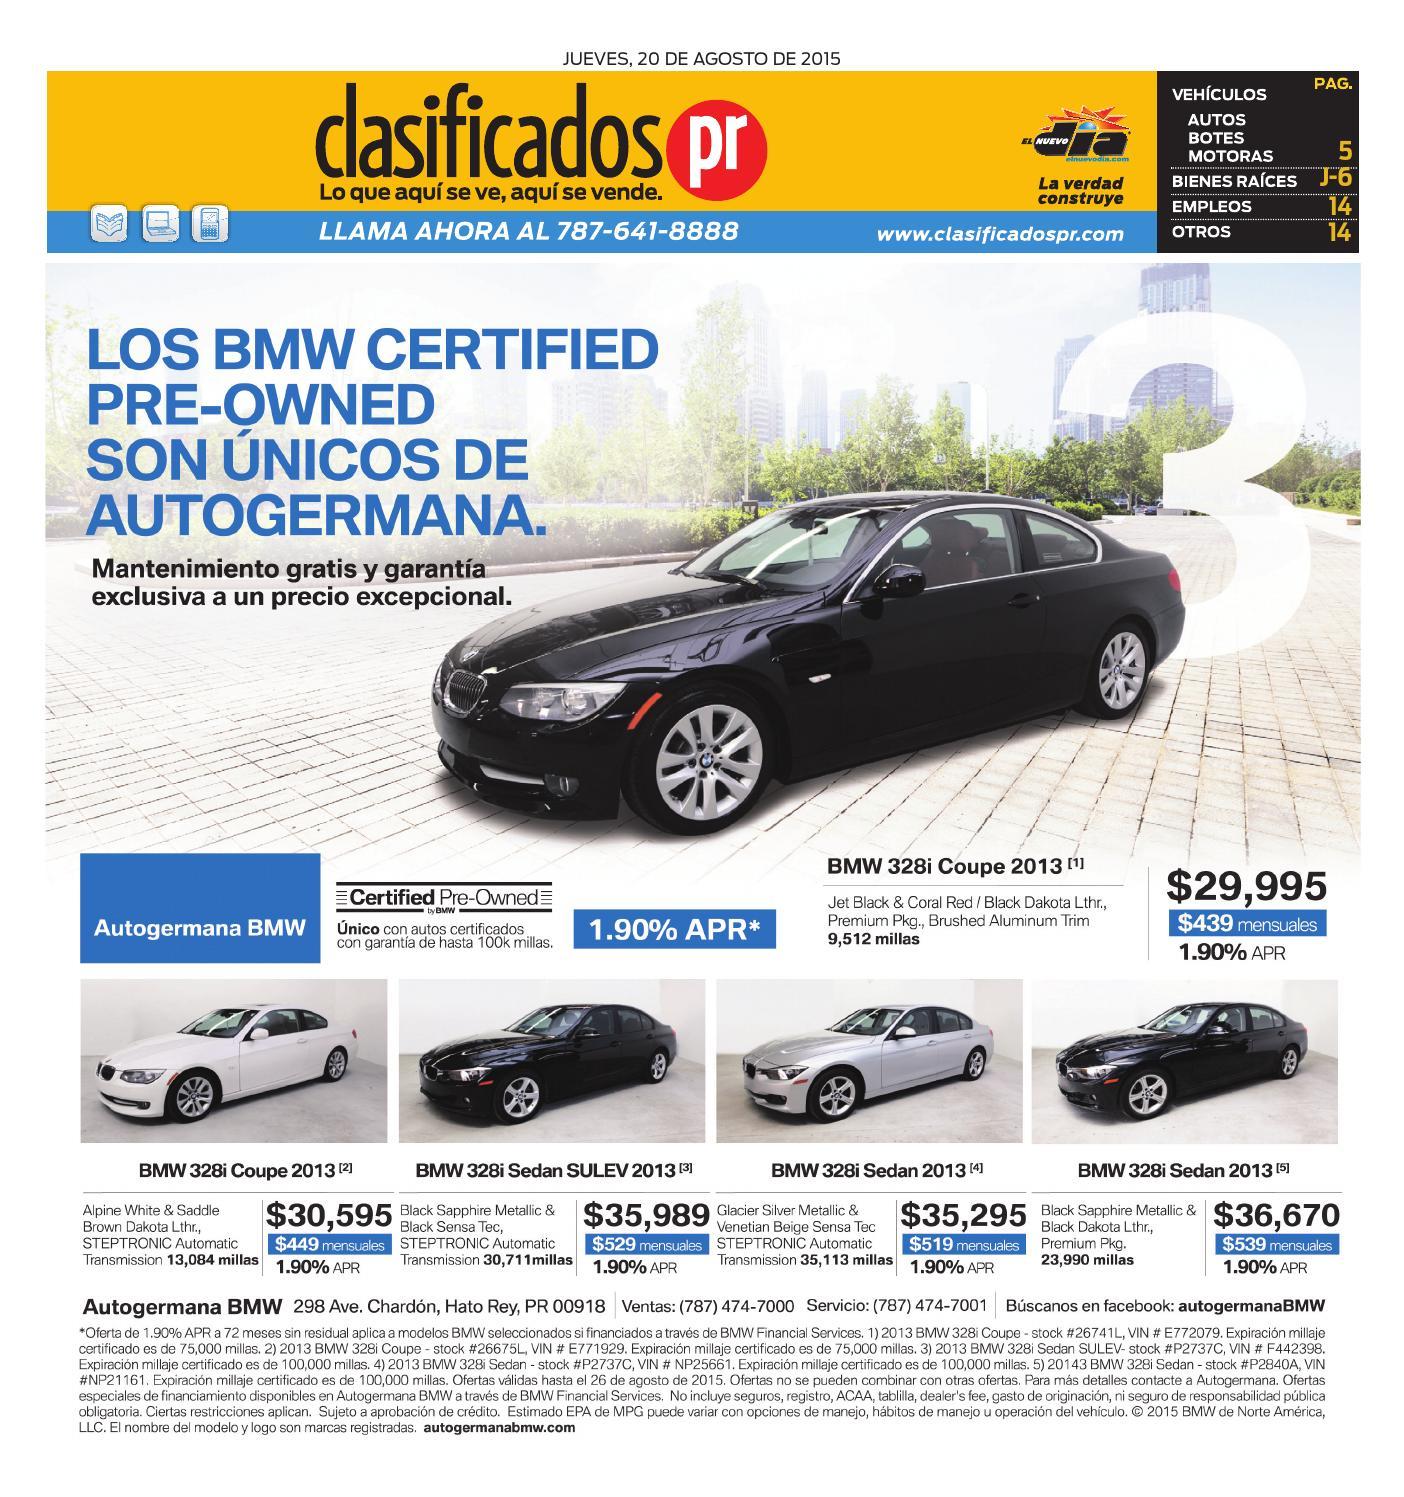 2014 Acura Rdx Turbo: ClasificadosPR 08 20 2015 By ClasificadosPR.com